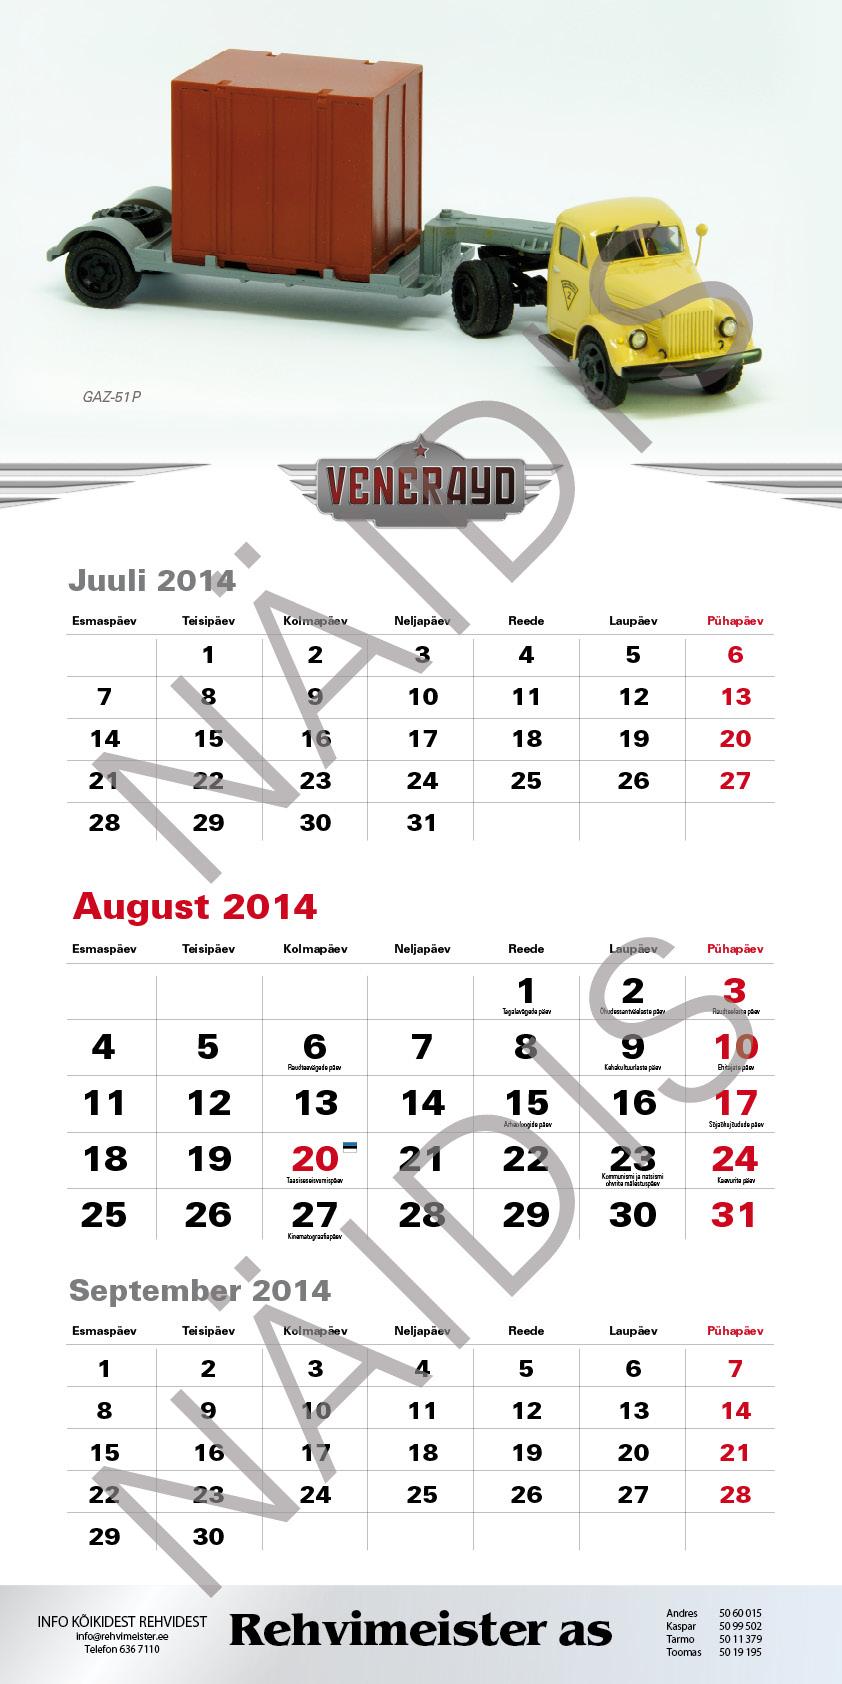 Veneraud_kalender_20149